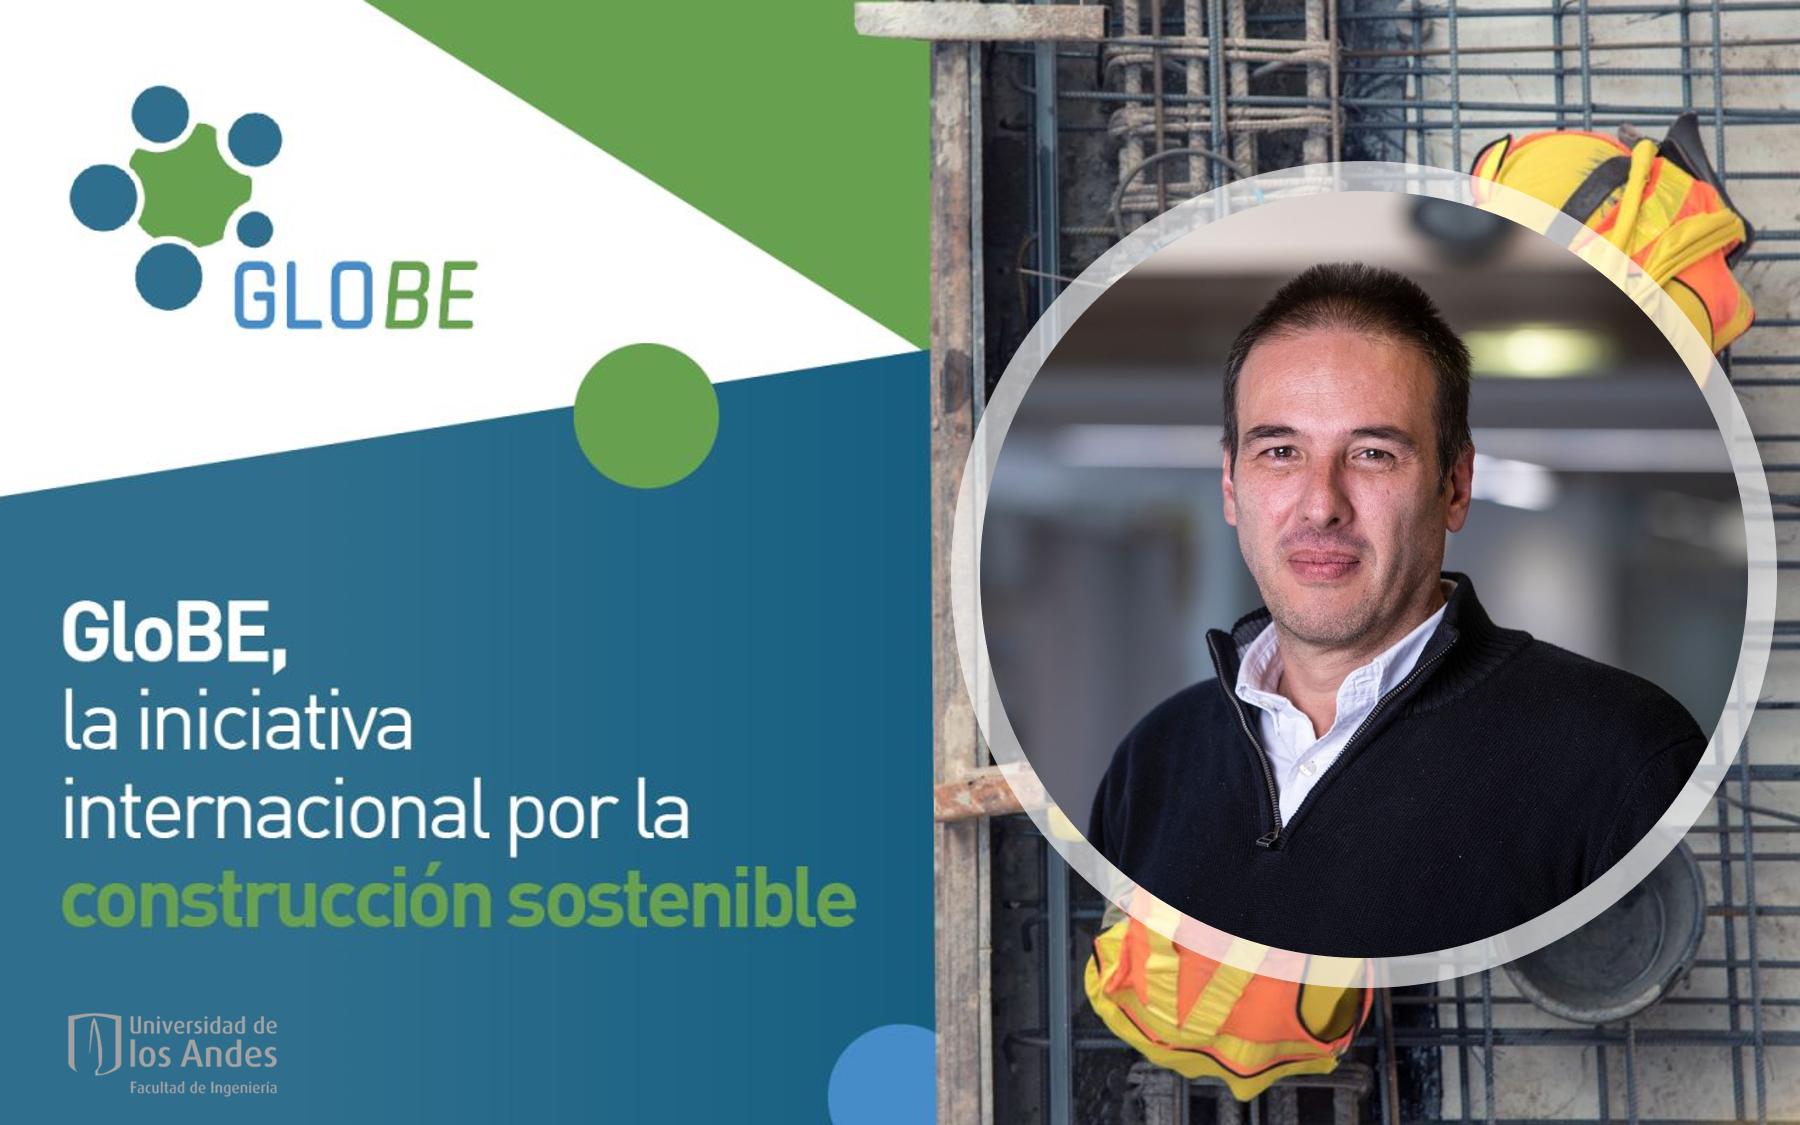 GLOBE: un consenso global sobre sostenibilidad del entorno construido